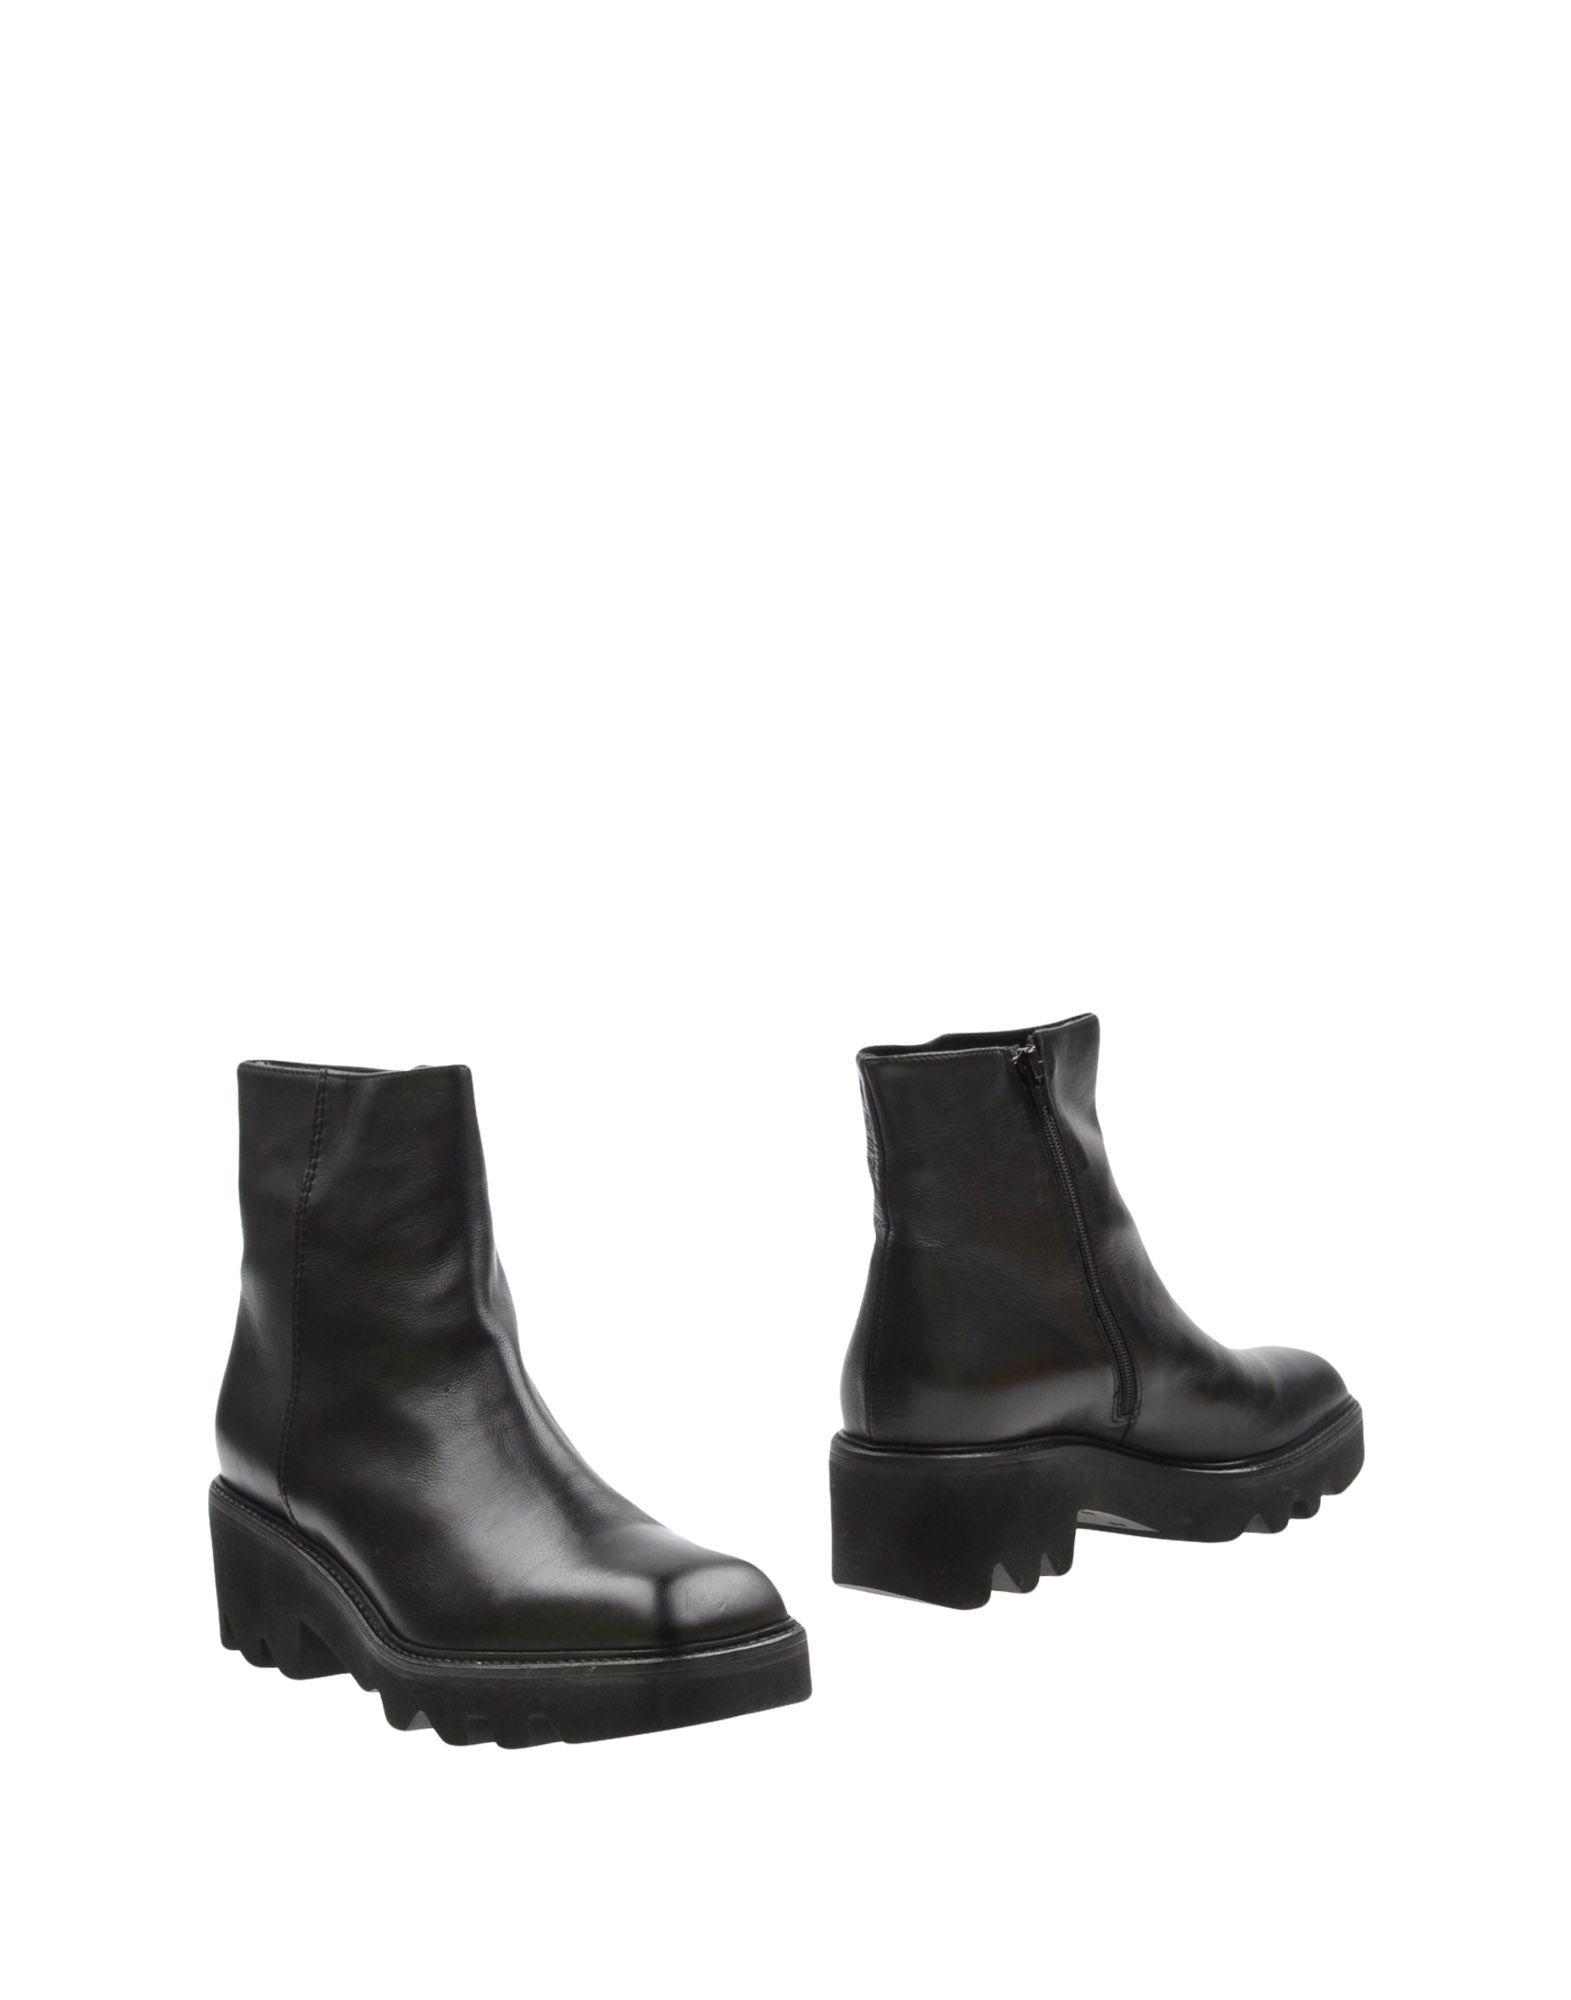 87 VIC MATIĒ Полусапоги и высокие ботинки 87 vic matiē ботинки